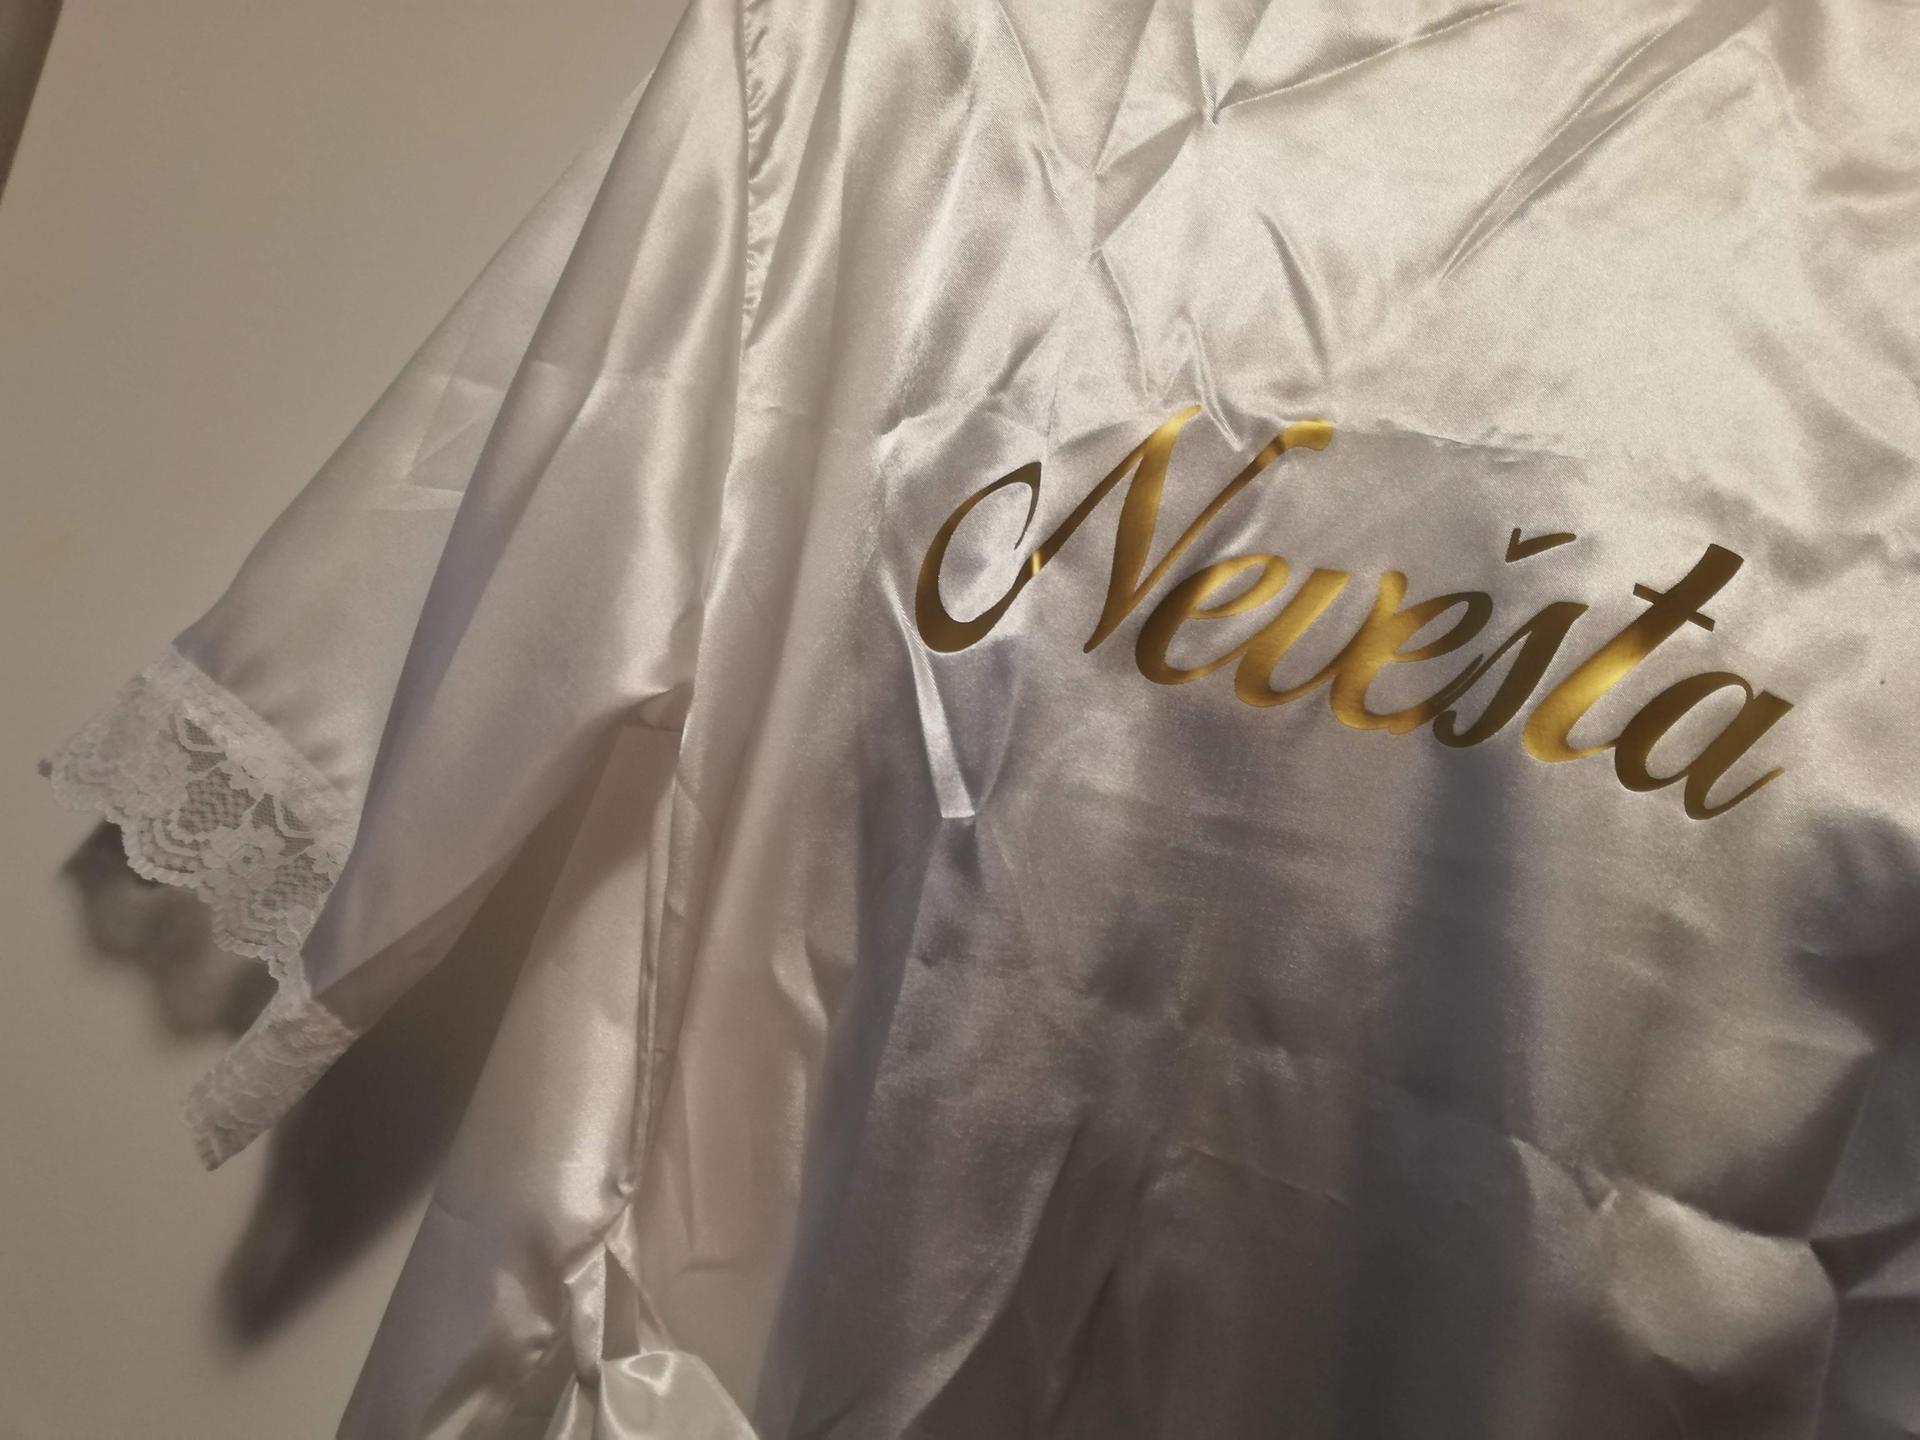 Plánování - celé od začátku - Dneska mi dorazil nádherný saténový župánek a noční košilka. <3 Objednávala jsem přes fb na profilu Berenike made with love.